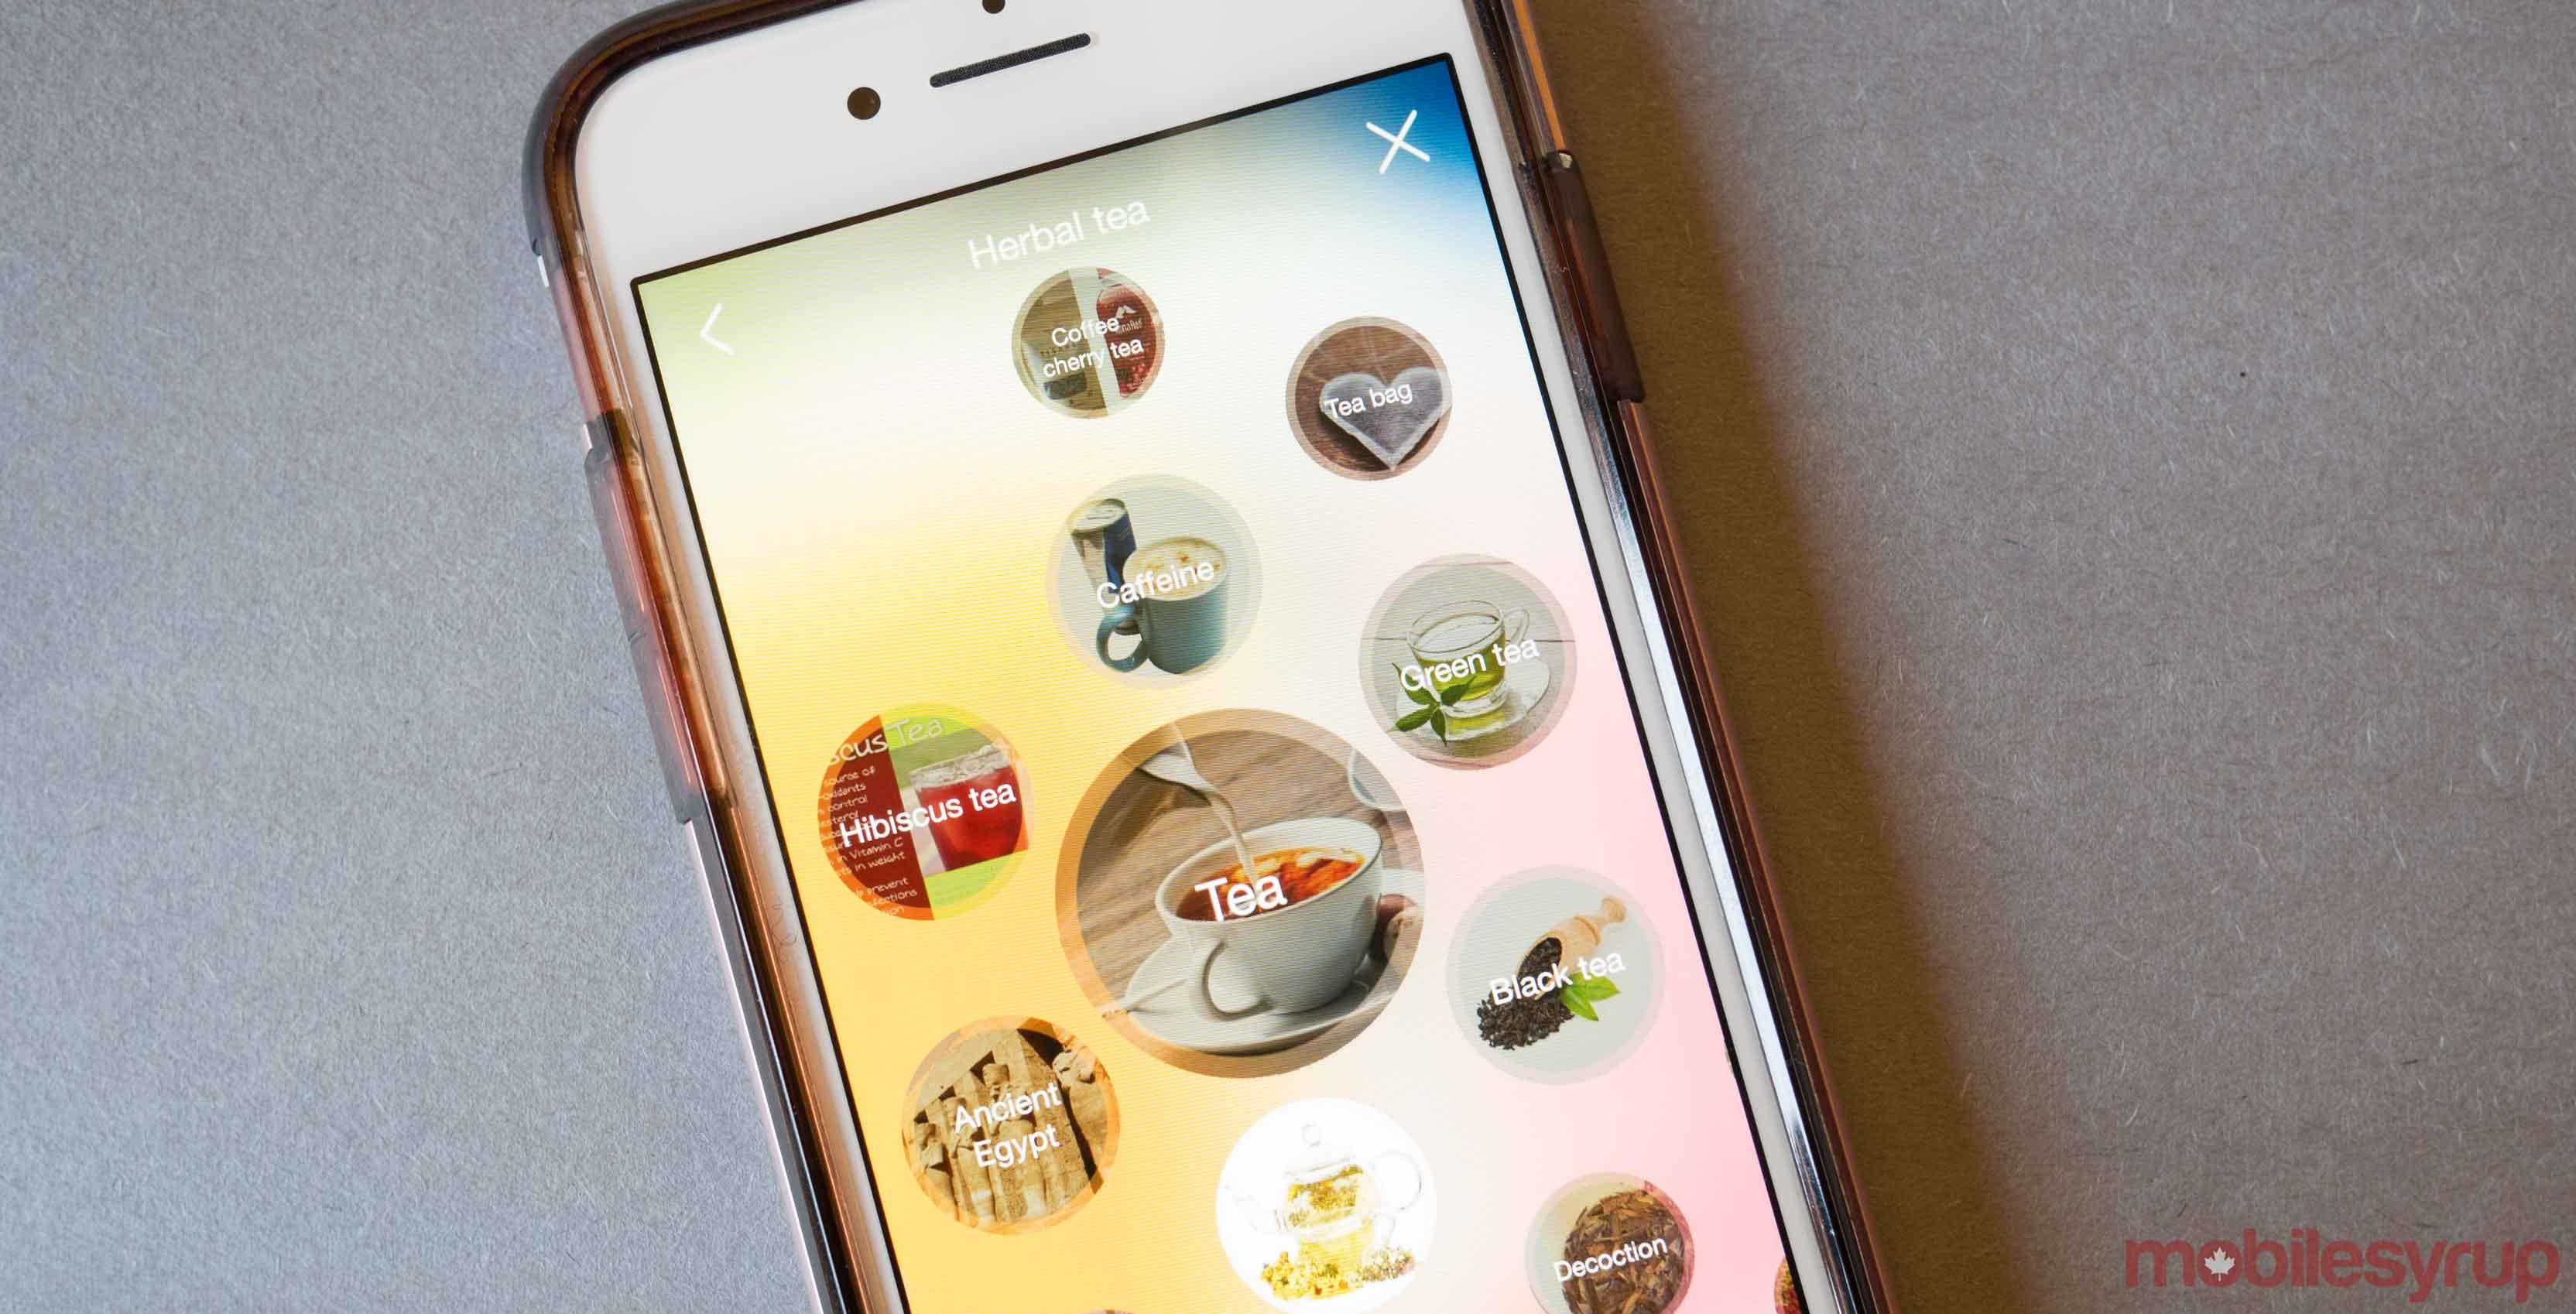 BlippAR App on an iPhone